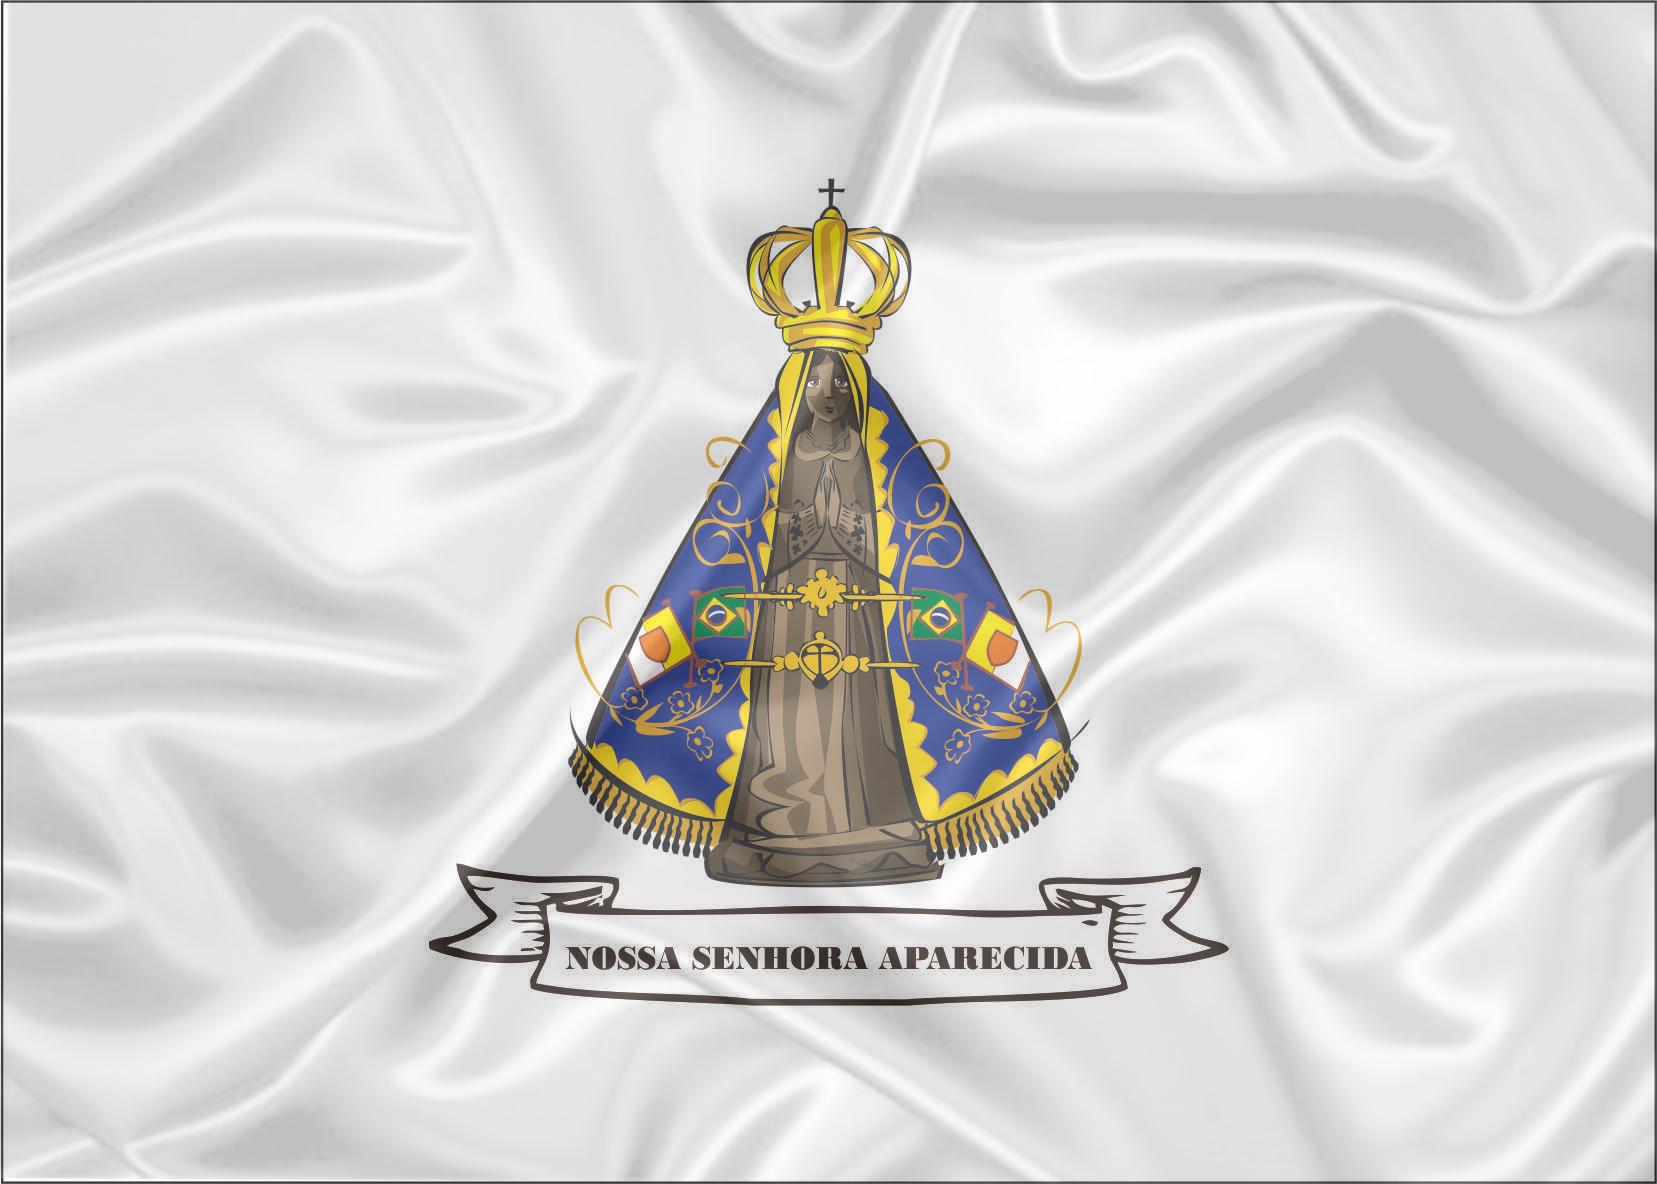 Santo Nosso Fotos Nossa Senhora Aparecida: Bandeira Nossa Senhora Aparecida